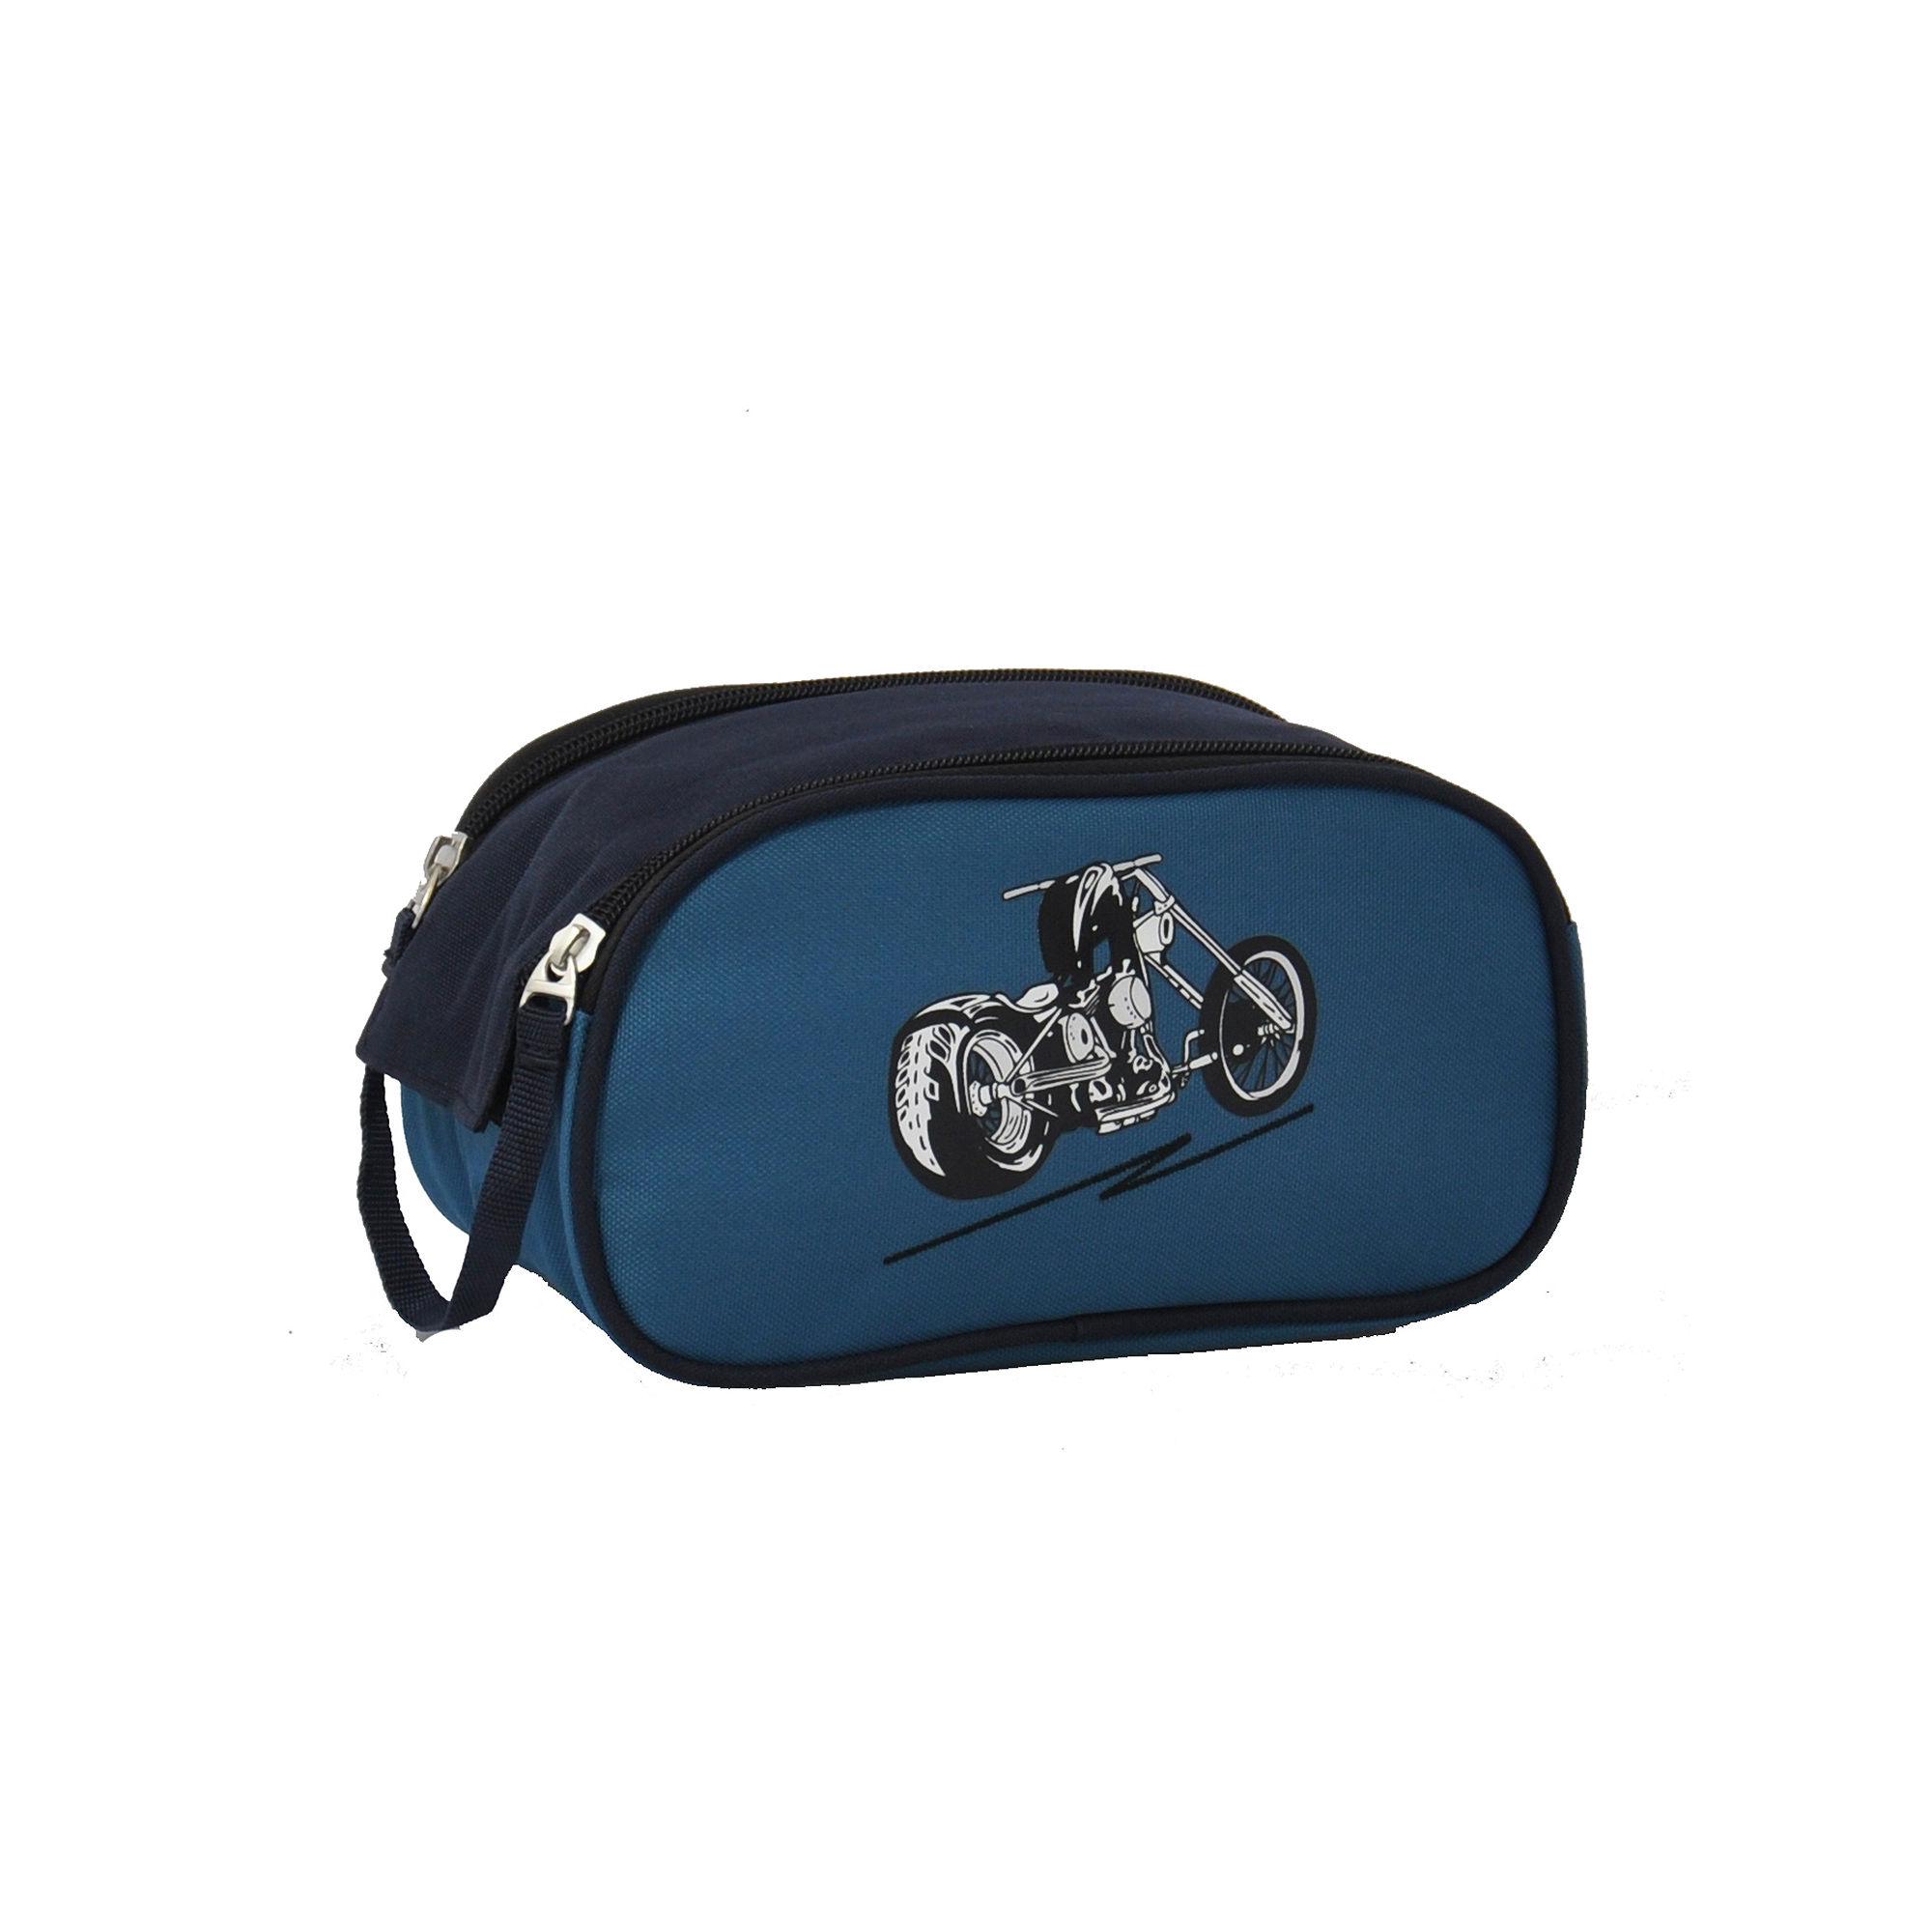 Obersee Motorcycle Toiletry Bag